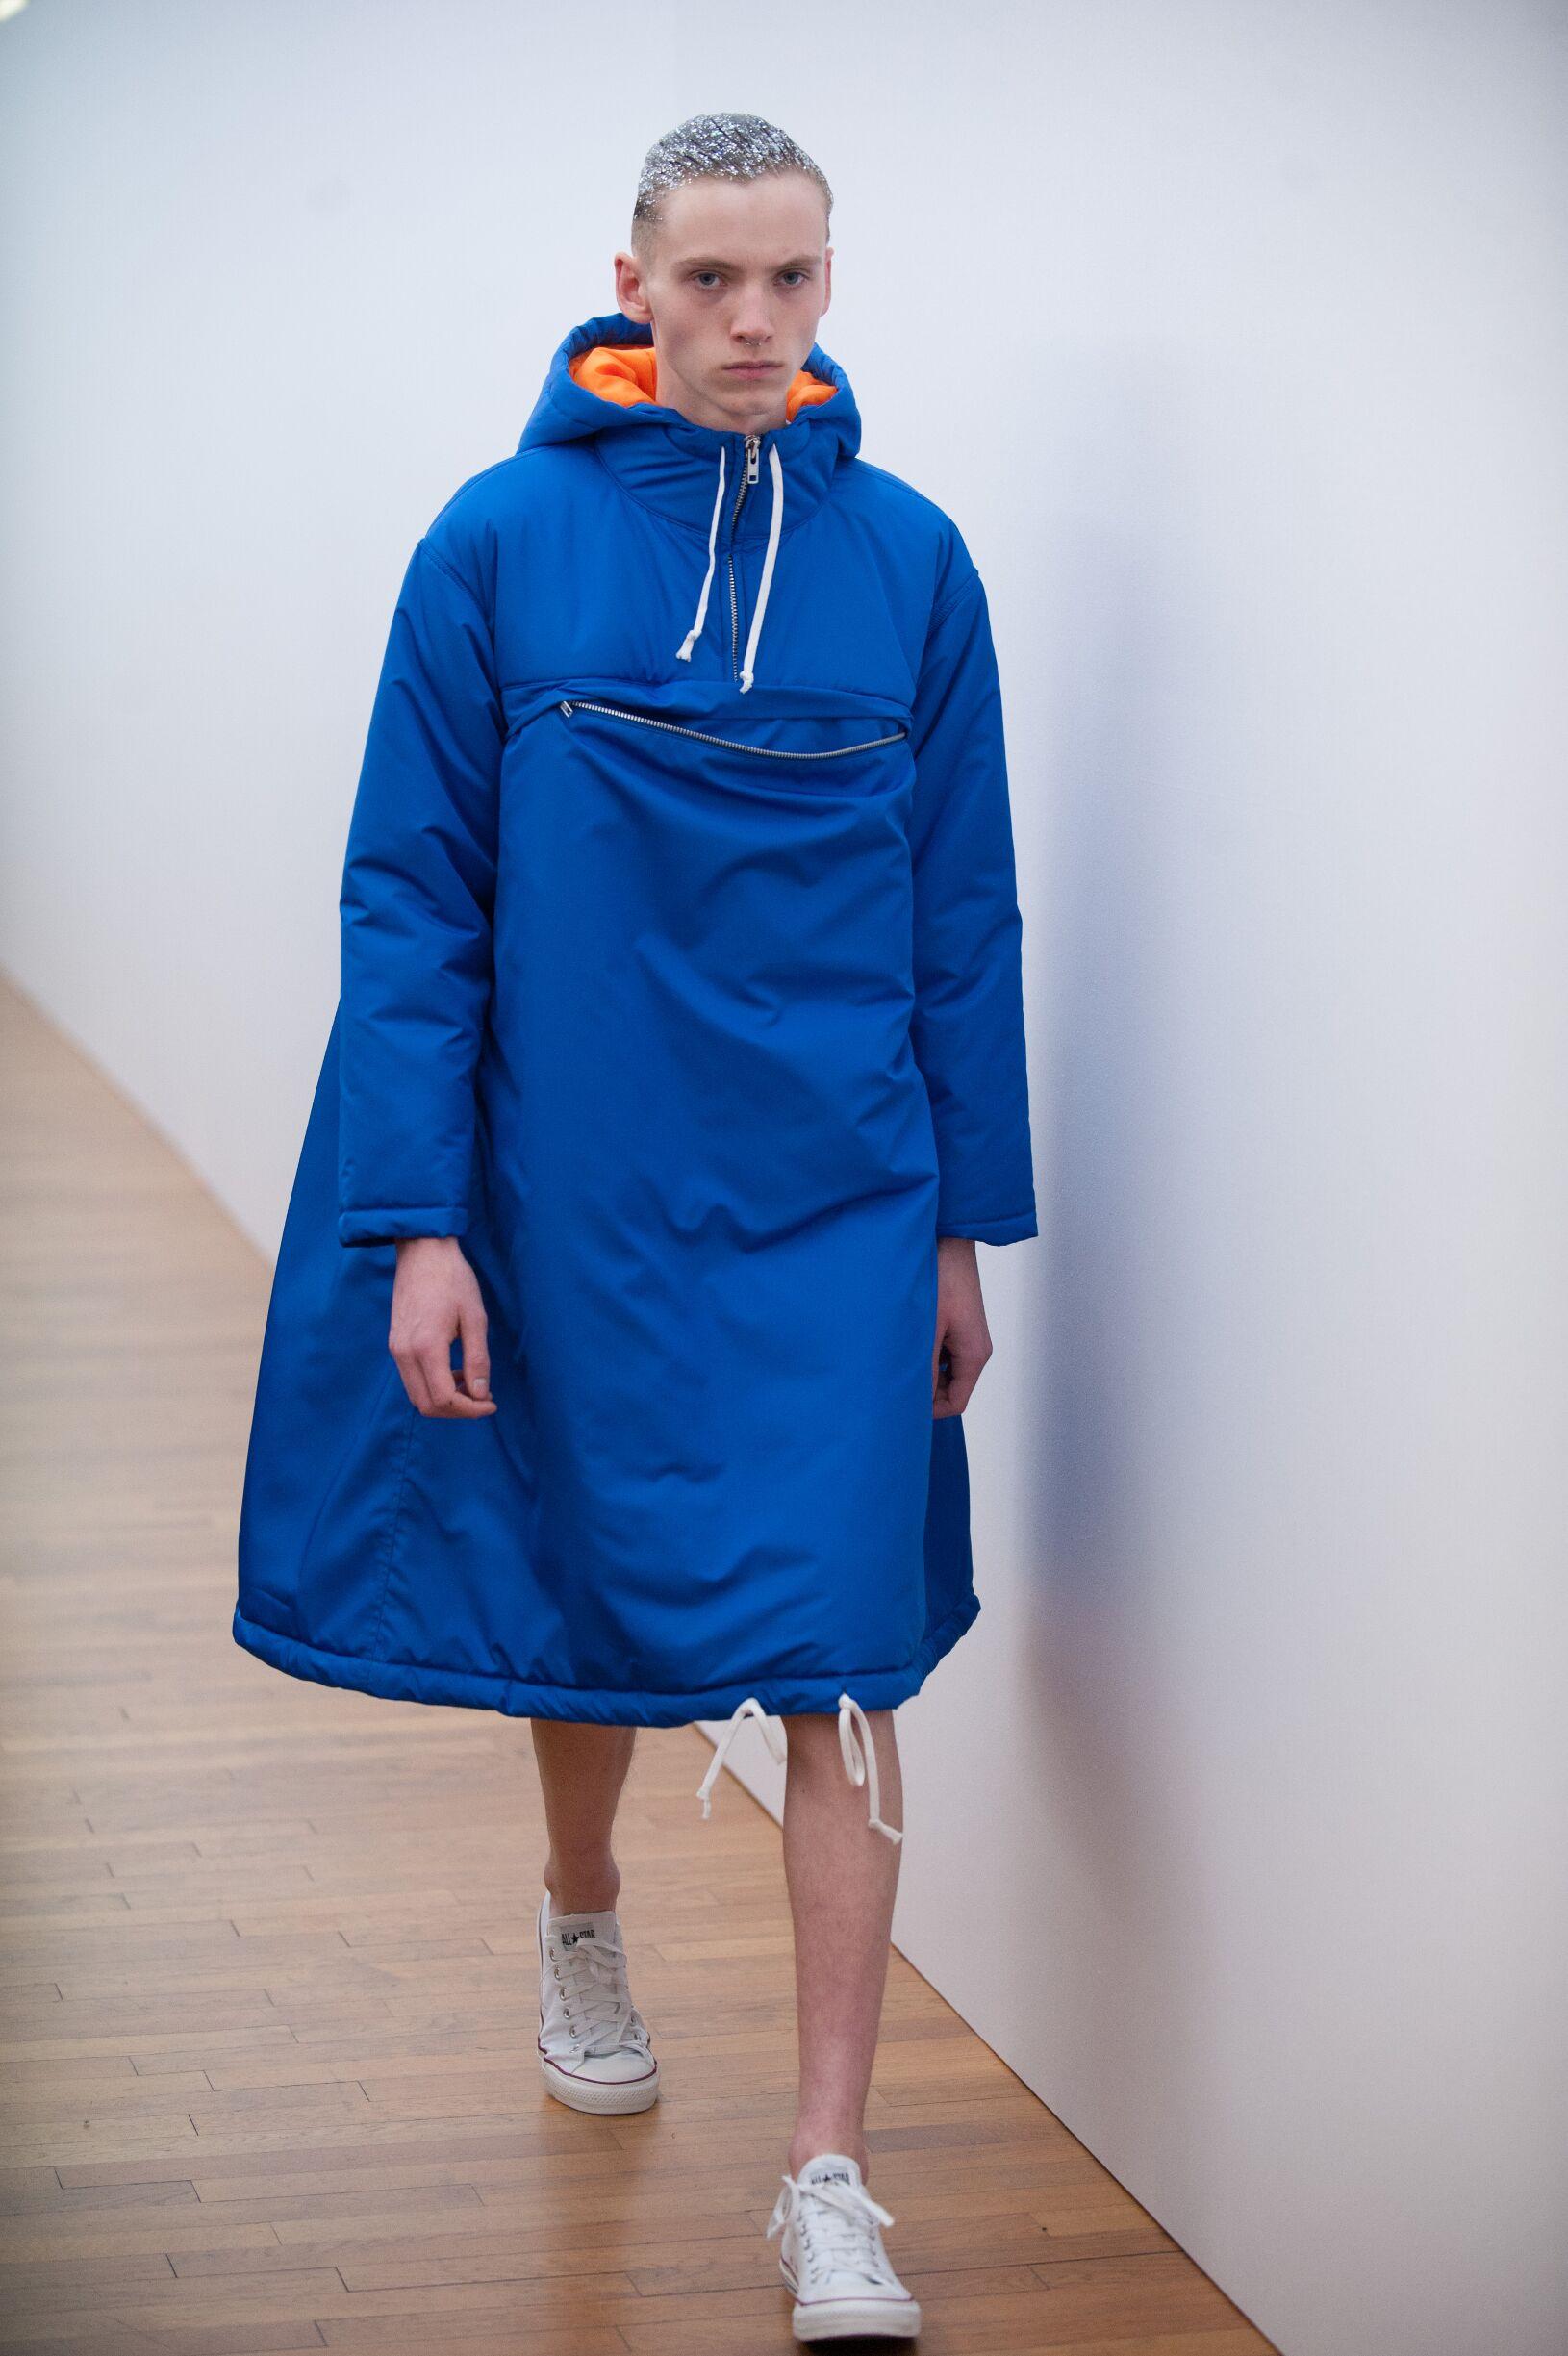 Menswear FW Comme Des Garçons Shirt 2017